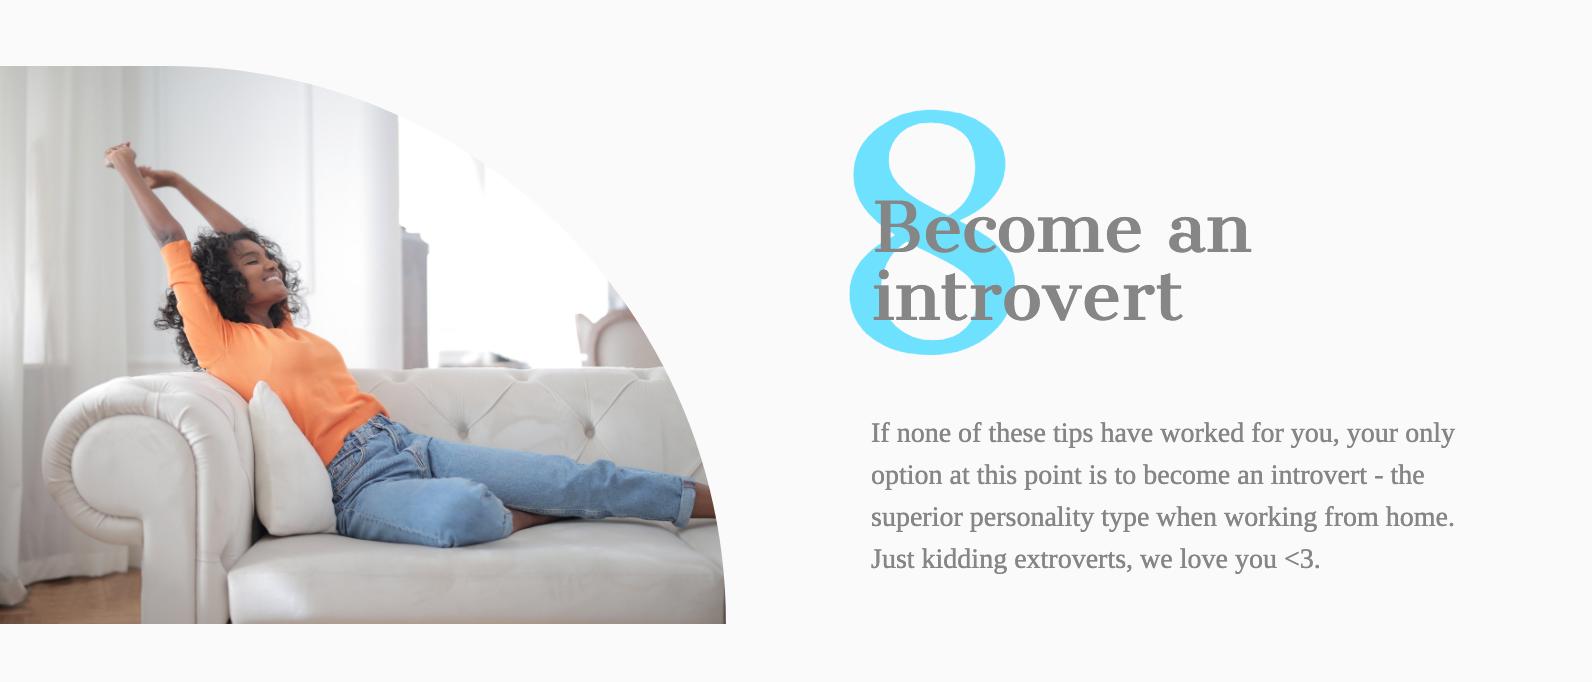 Become an introvert infobit